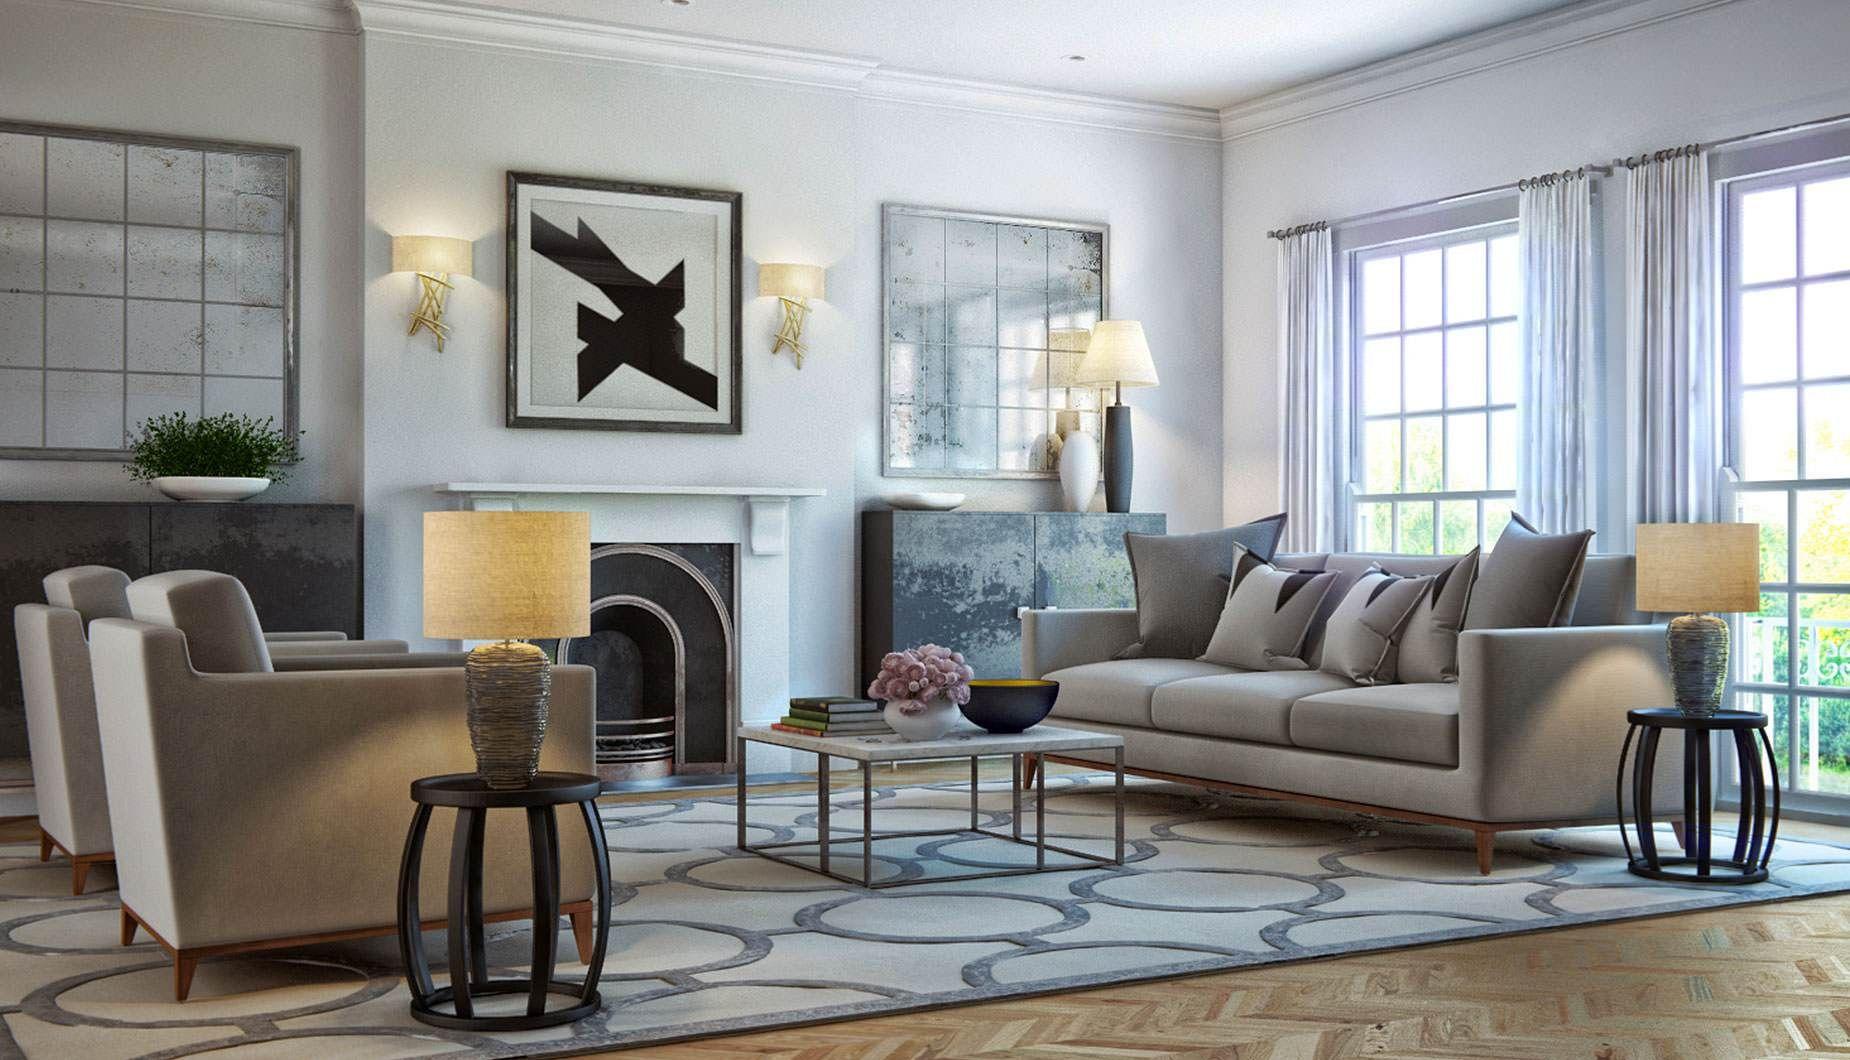 Interior Design Lli Design Interior Designer London Urban Living Room Design Urban Living Room Interior Design Urban living room decor